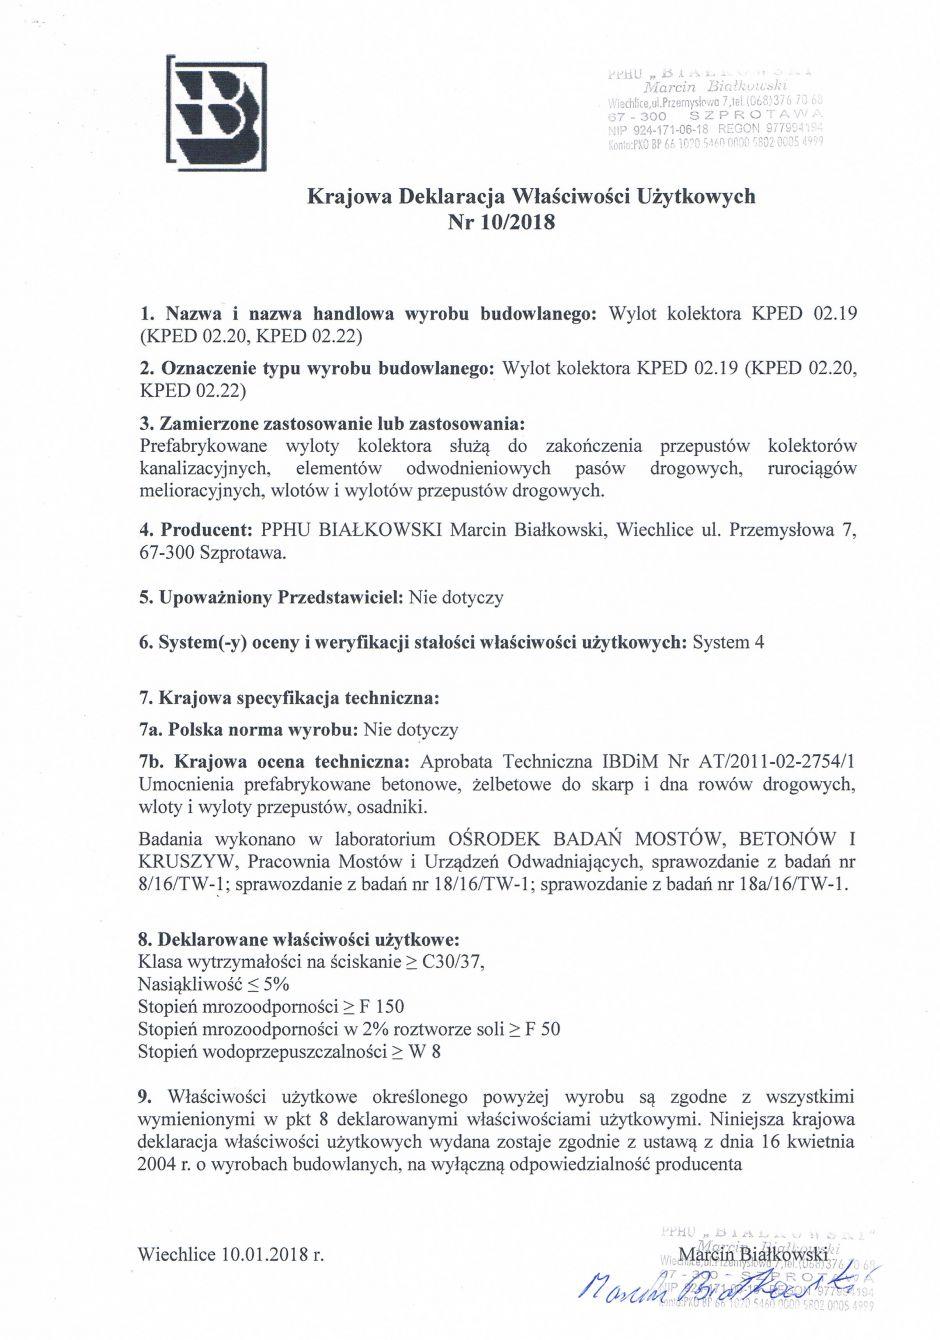 Krajowa Deklaracja Właściwości Użytkowych Nr 10/2018